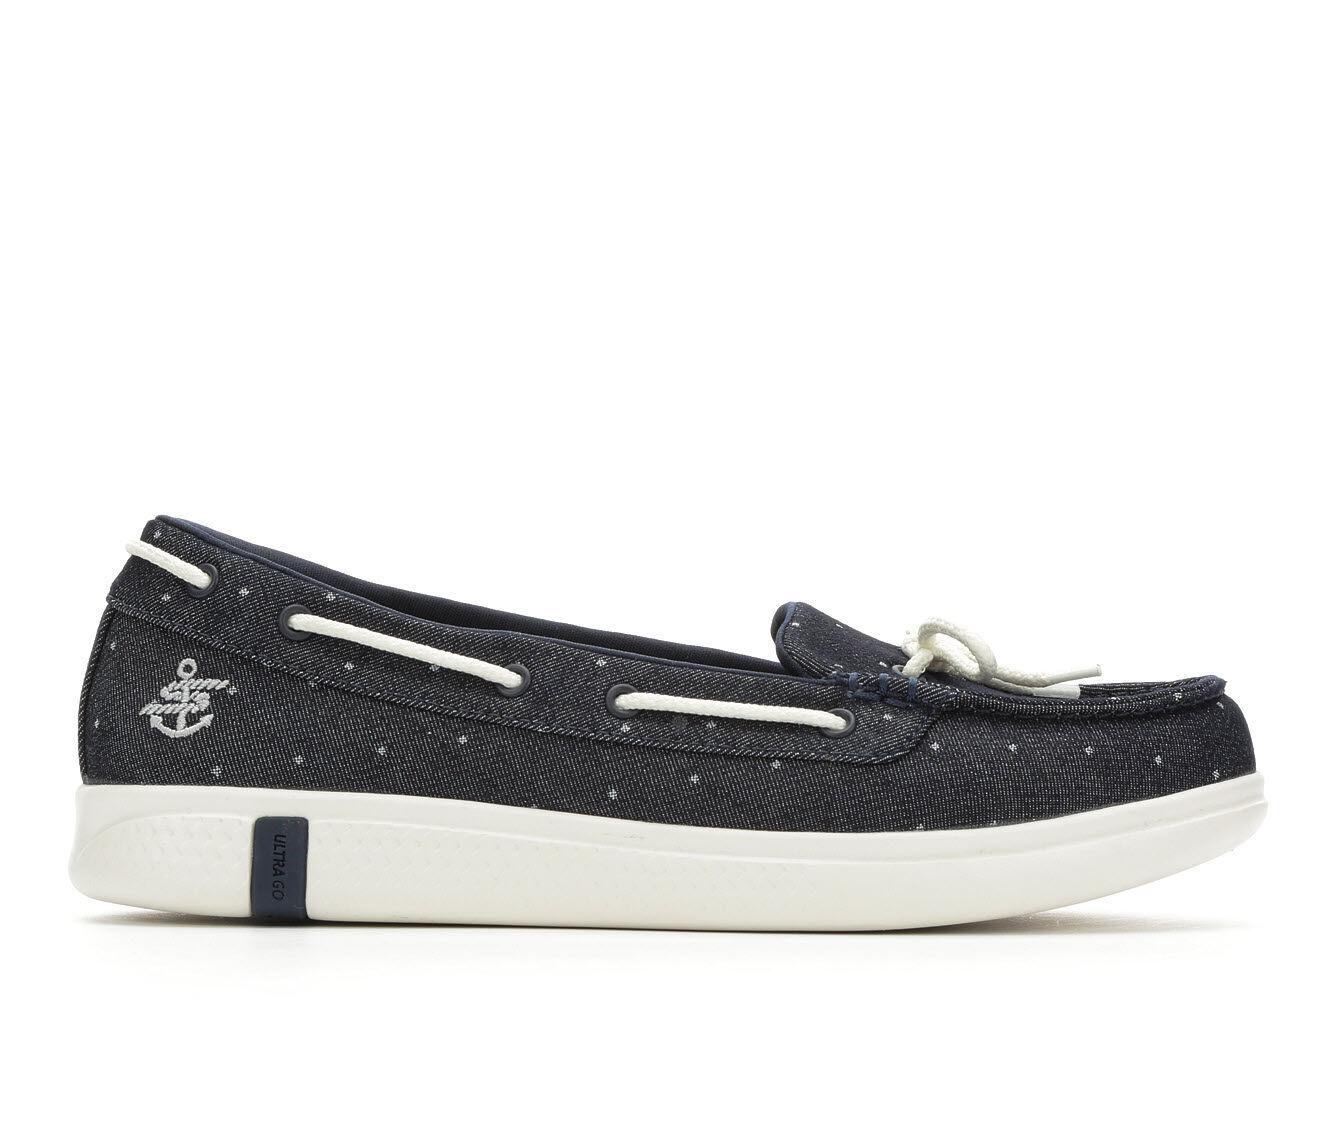 Women's Skechers Go Glide Ultra 16111 Boat Shoes Denim